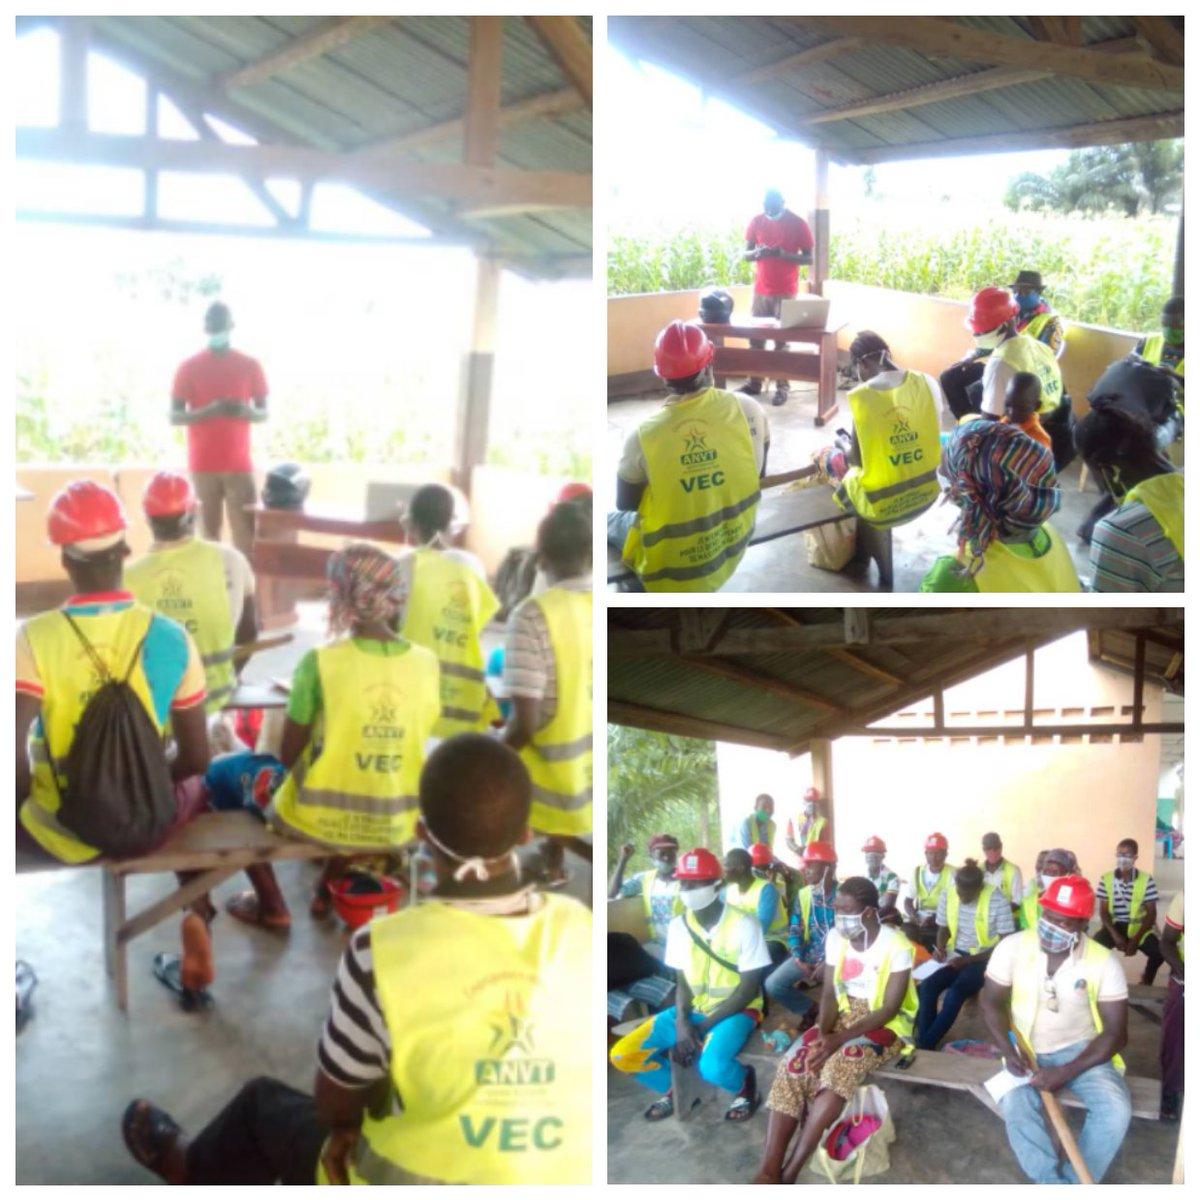 Ce 24 juillet, les VEC d'Adjengré ont suivi une formation sur les AGR.  Les échanges ont porté sur la notion d'AGR, comment créer une AGR, comment fonctionne une AGR et comment trouver des opportunités d'AGR pour qu'elle soit pérenne.  #VEC #JeMengage #CRVCentrale https://t.co/WVbjp1dlya